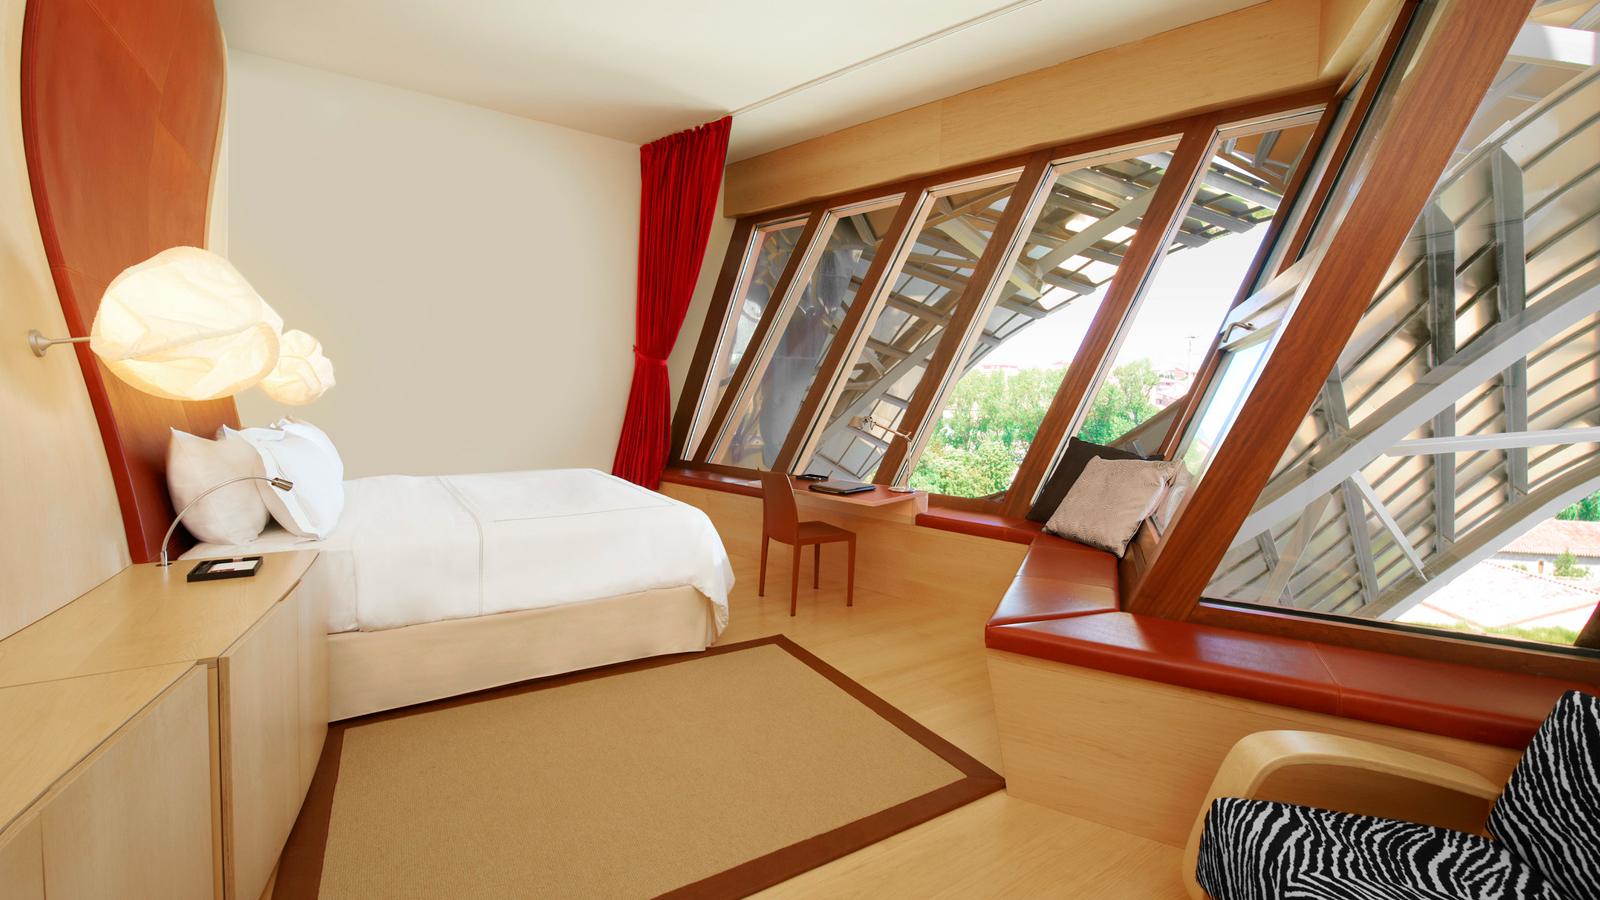 Hotel marques de riscal elciego spain around the for International decor spain